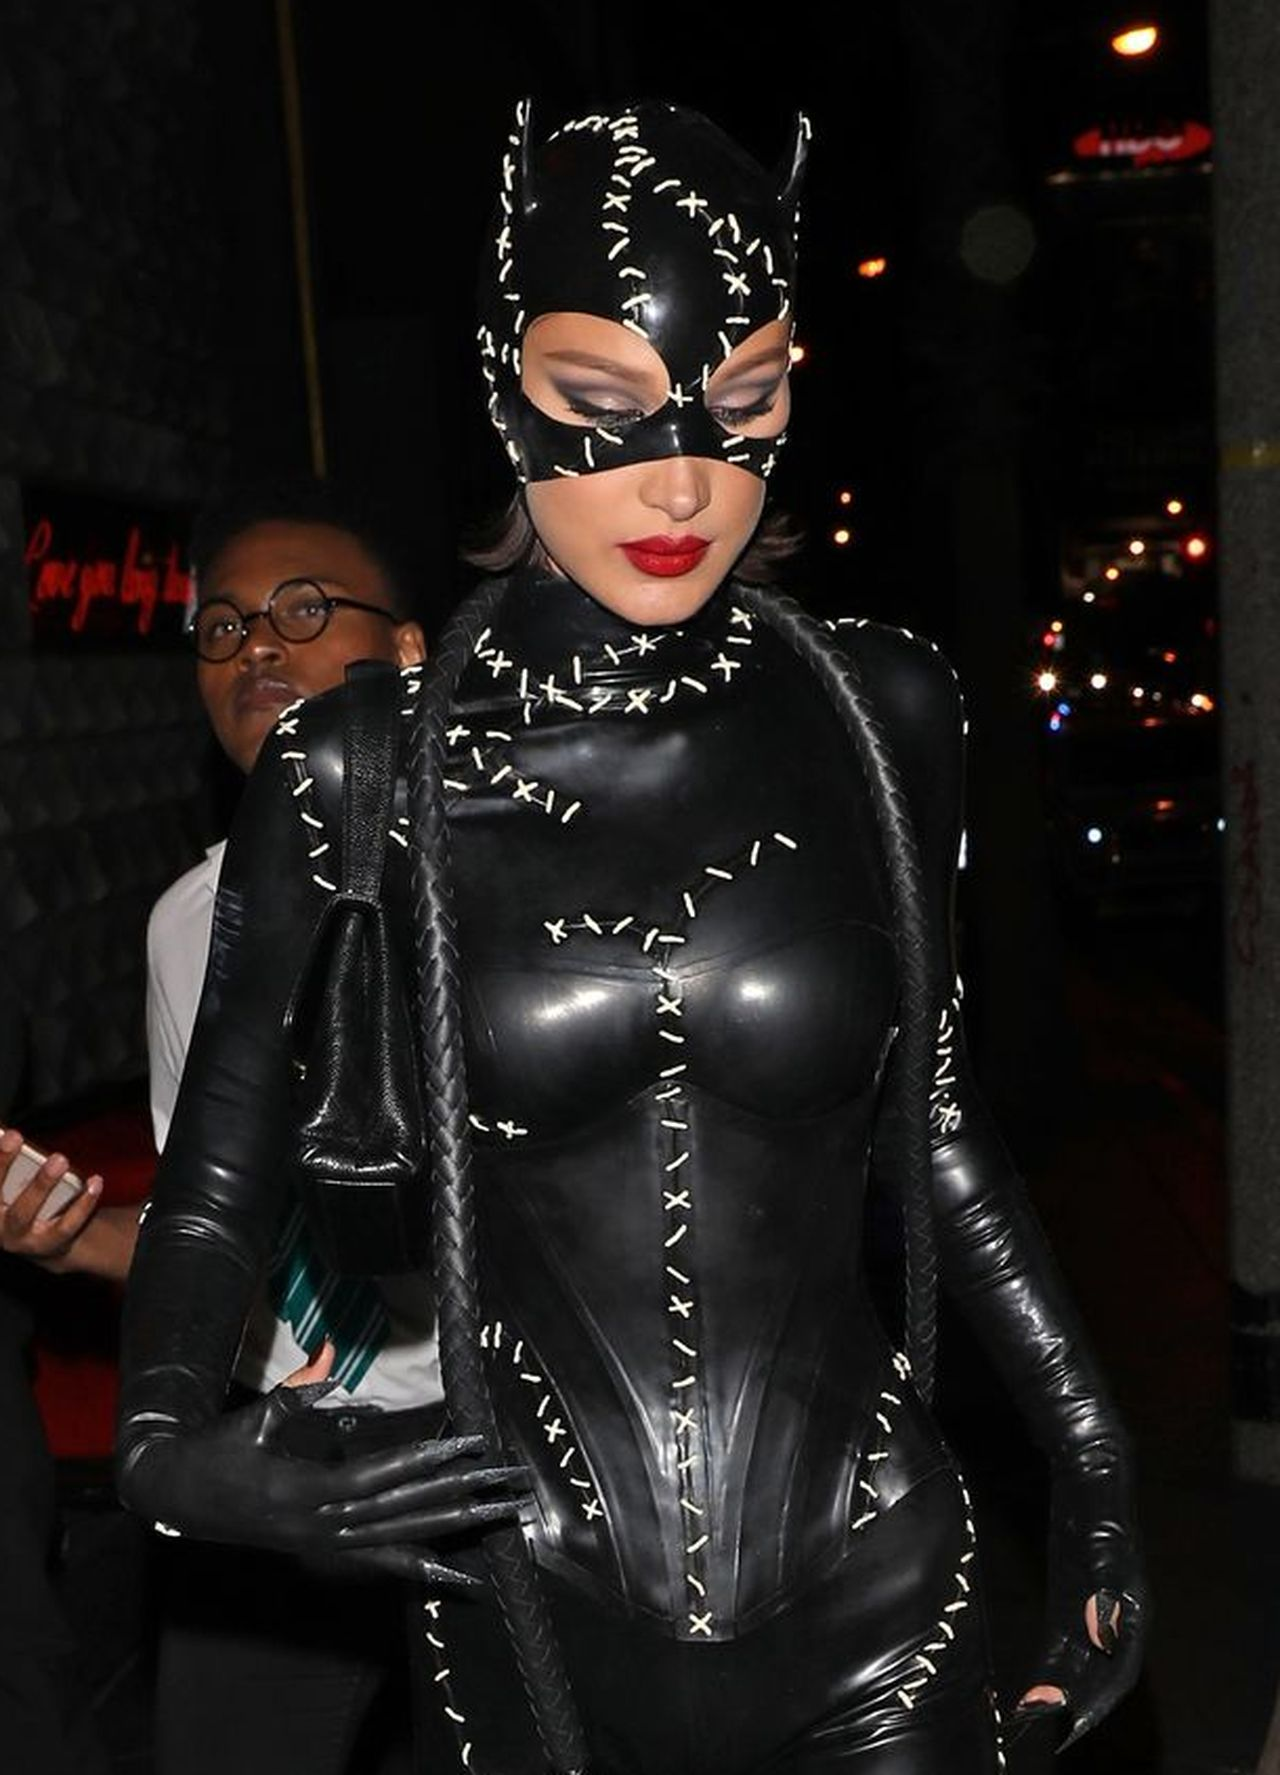 Gwiazdy na 24. urodzinach Kendall Jenner: Gigi i Bella Hadid, Kaia Gerber, był też… ROB Kardashian!